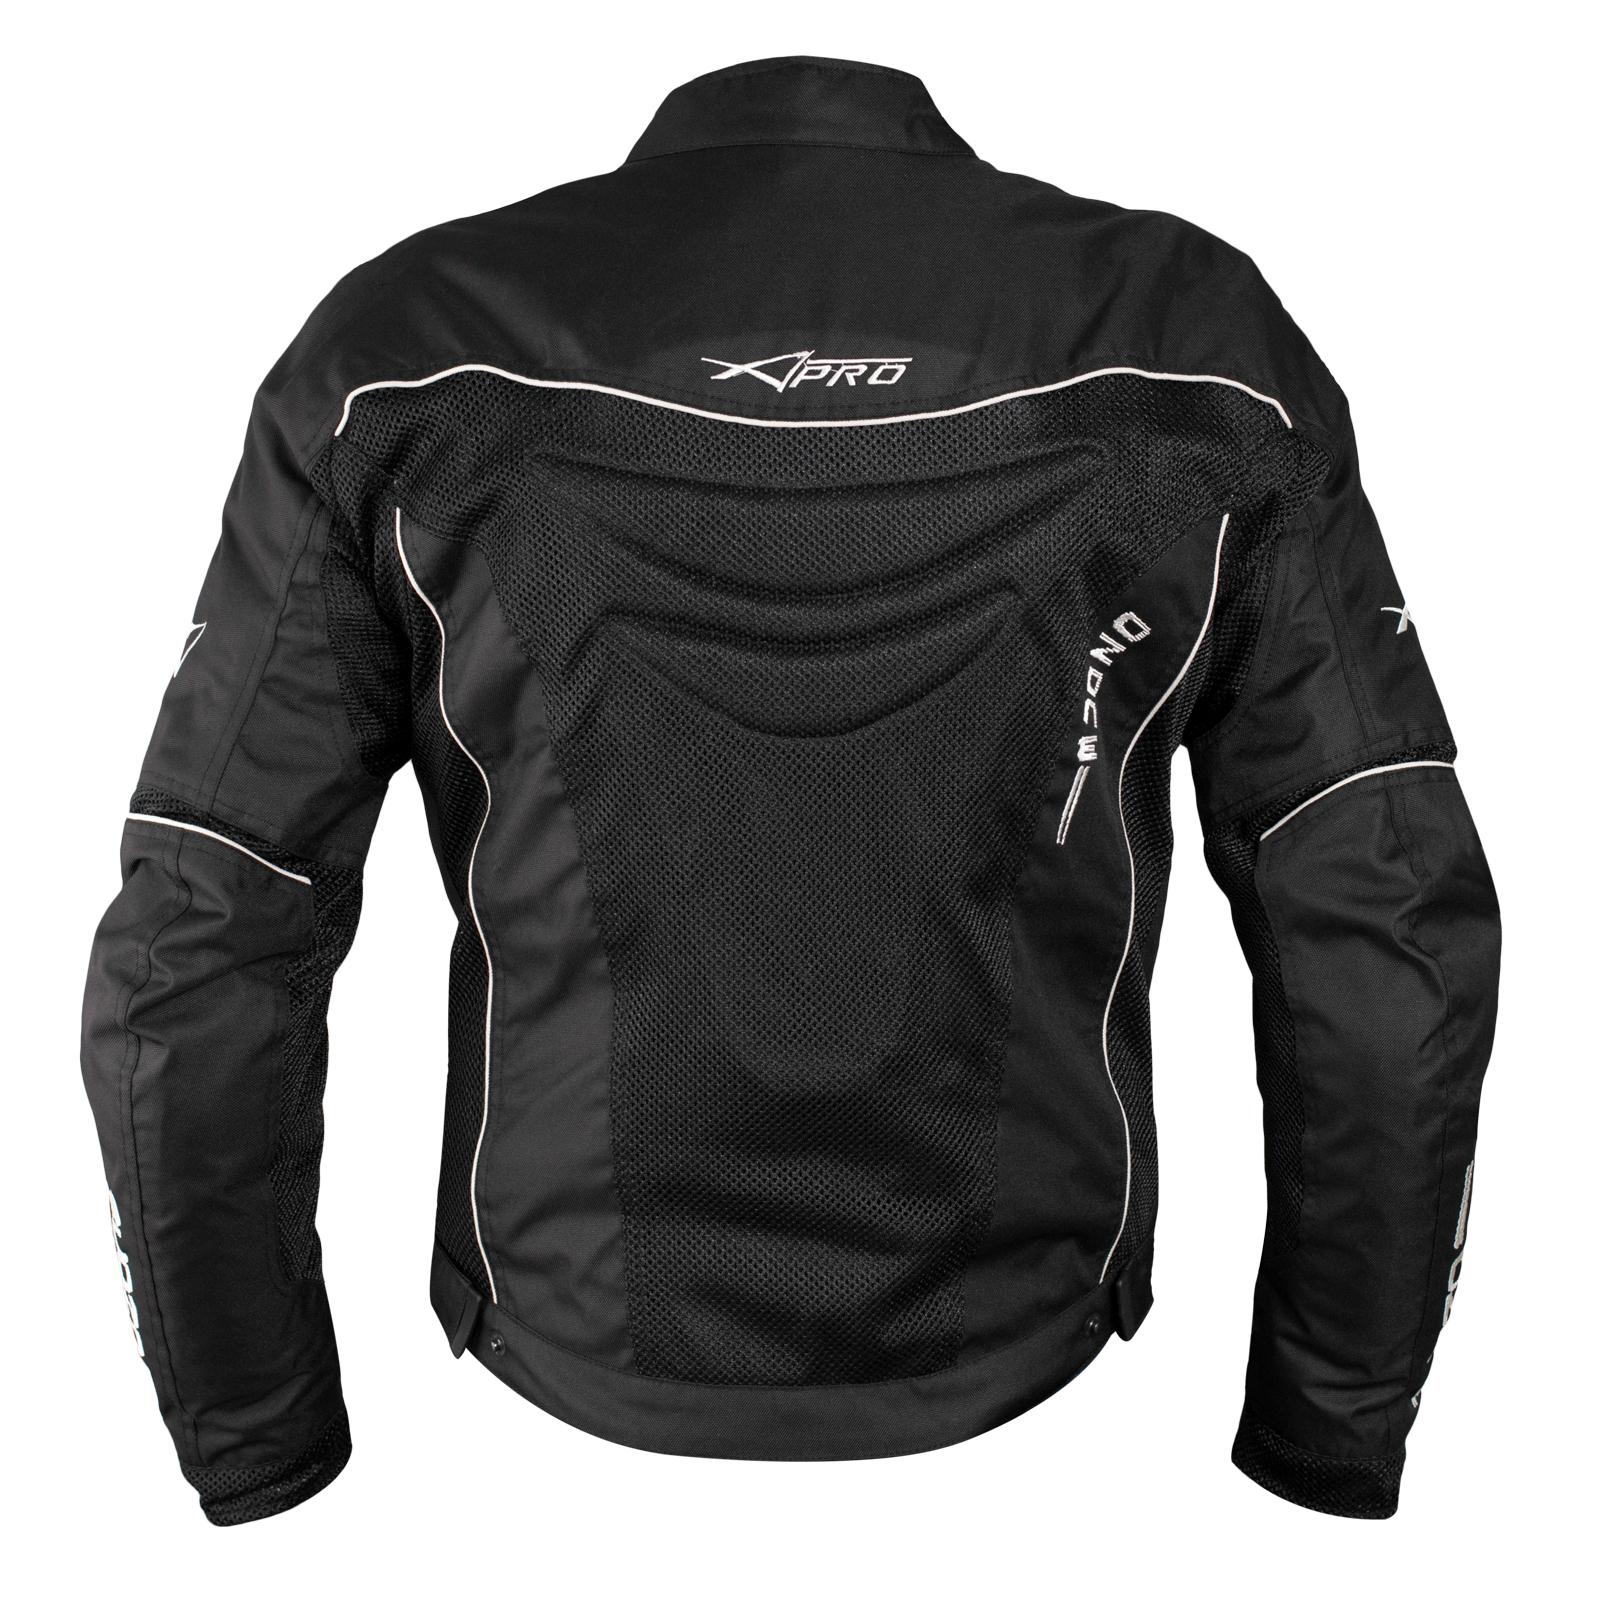 Giacca-Giubbino-Mesh-Traforato-Traspirante-Tessuto-Tecnico-Moto-Sport-Nero miniatuur 6